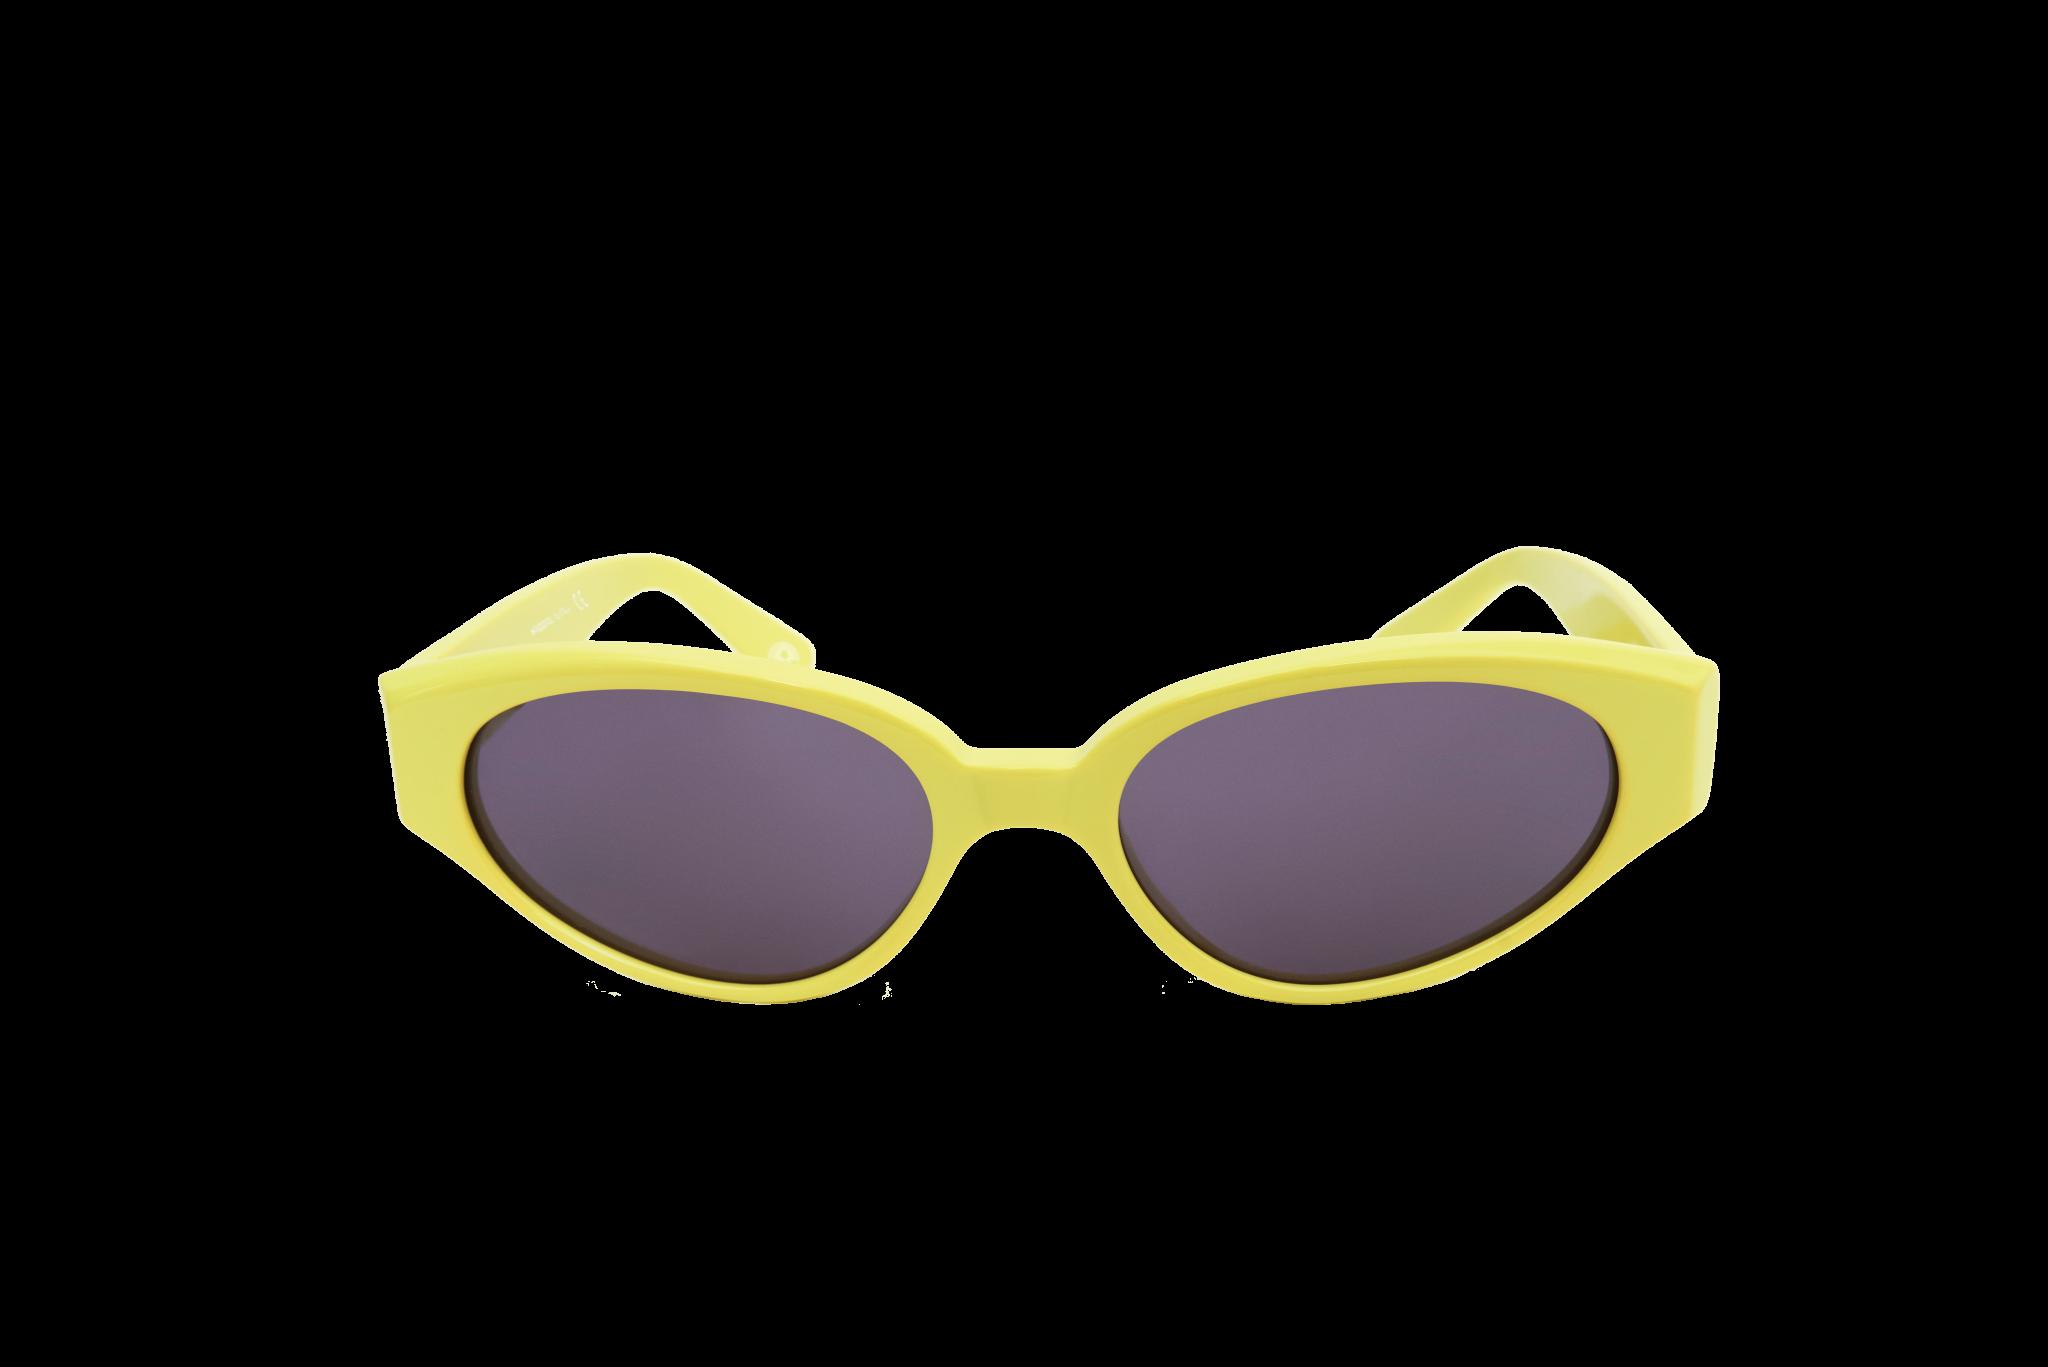 Sunglasses Guide 2021 - Kimeze